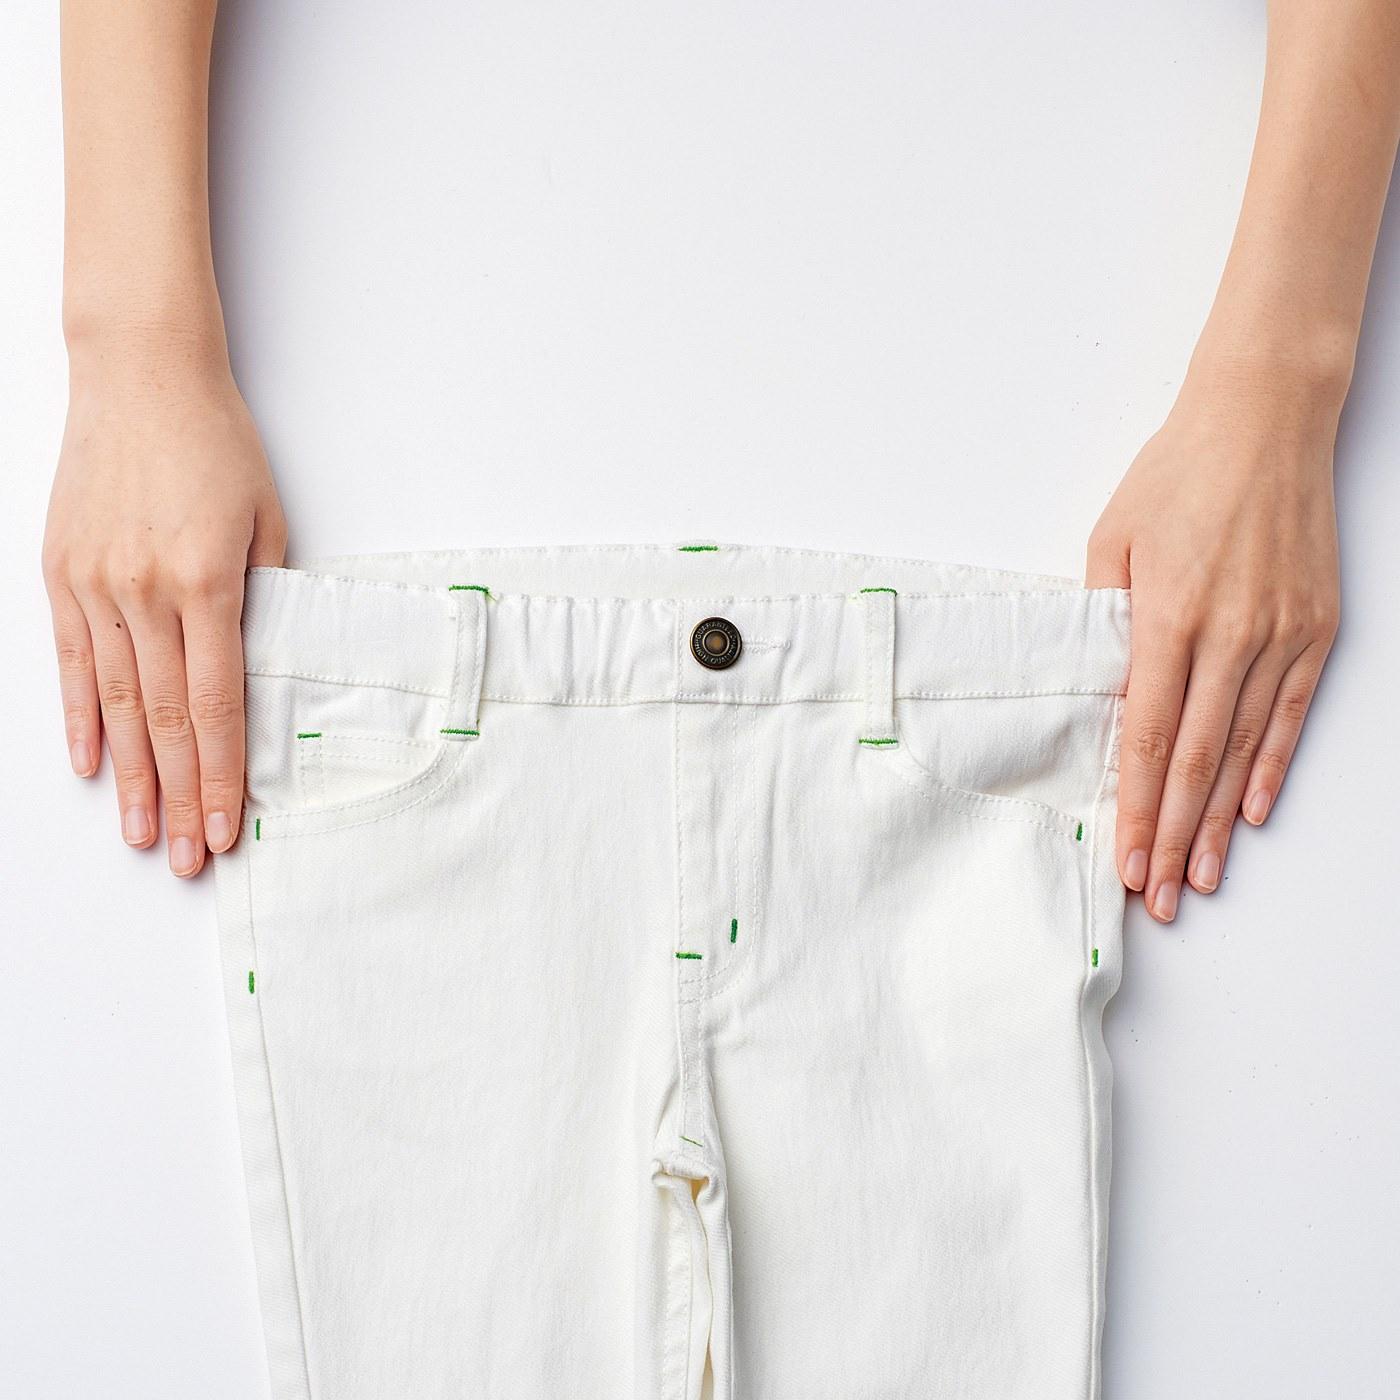 ウエストゴムもよく伸びるから、着替えやトイレもらくらく。